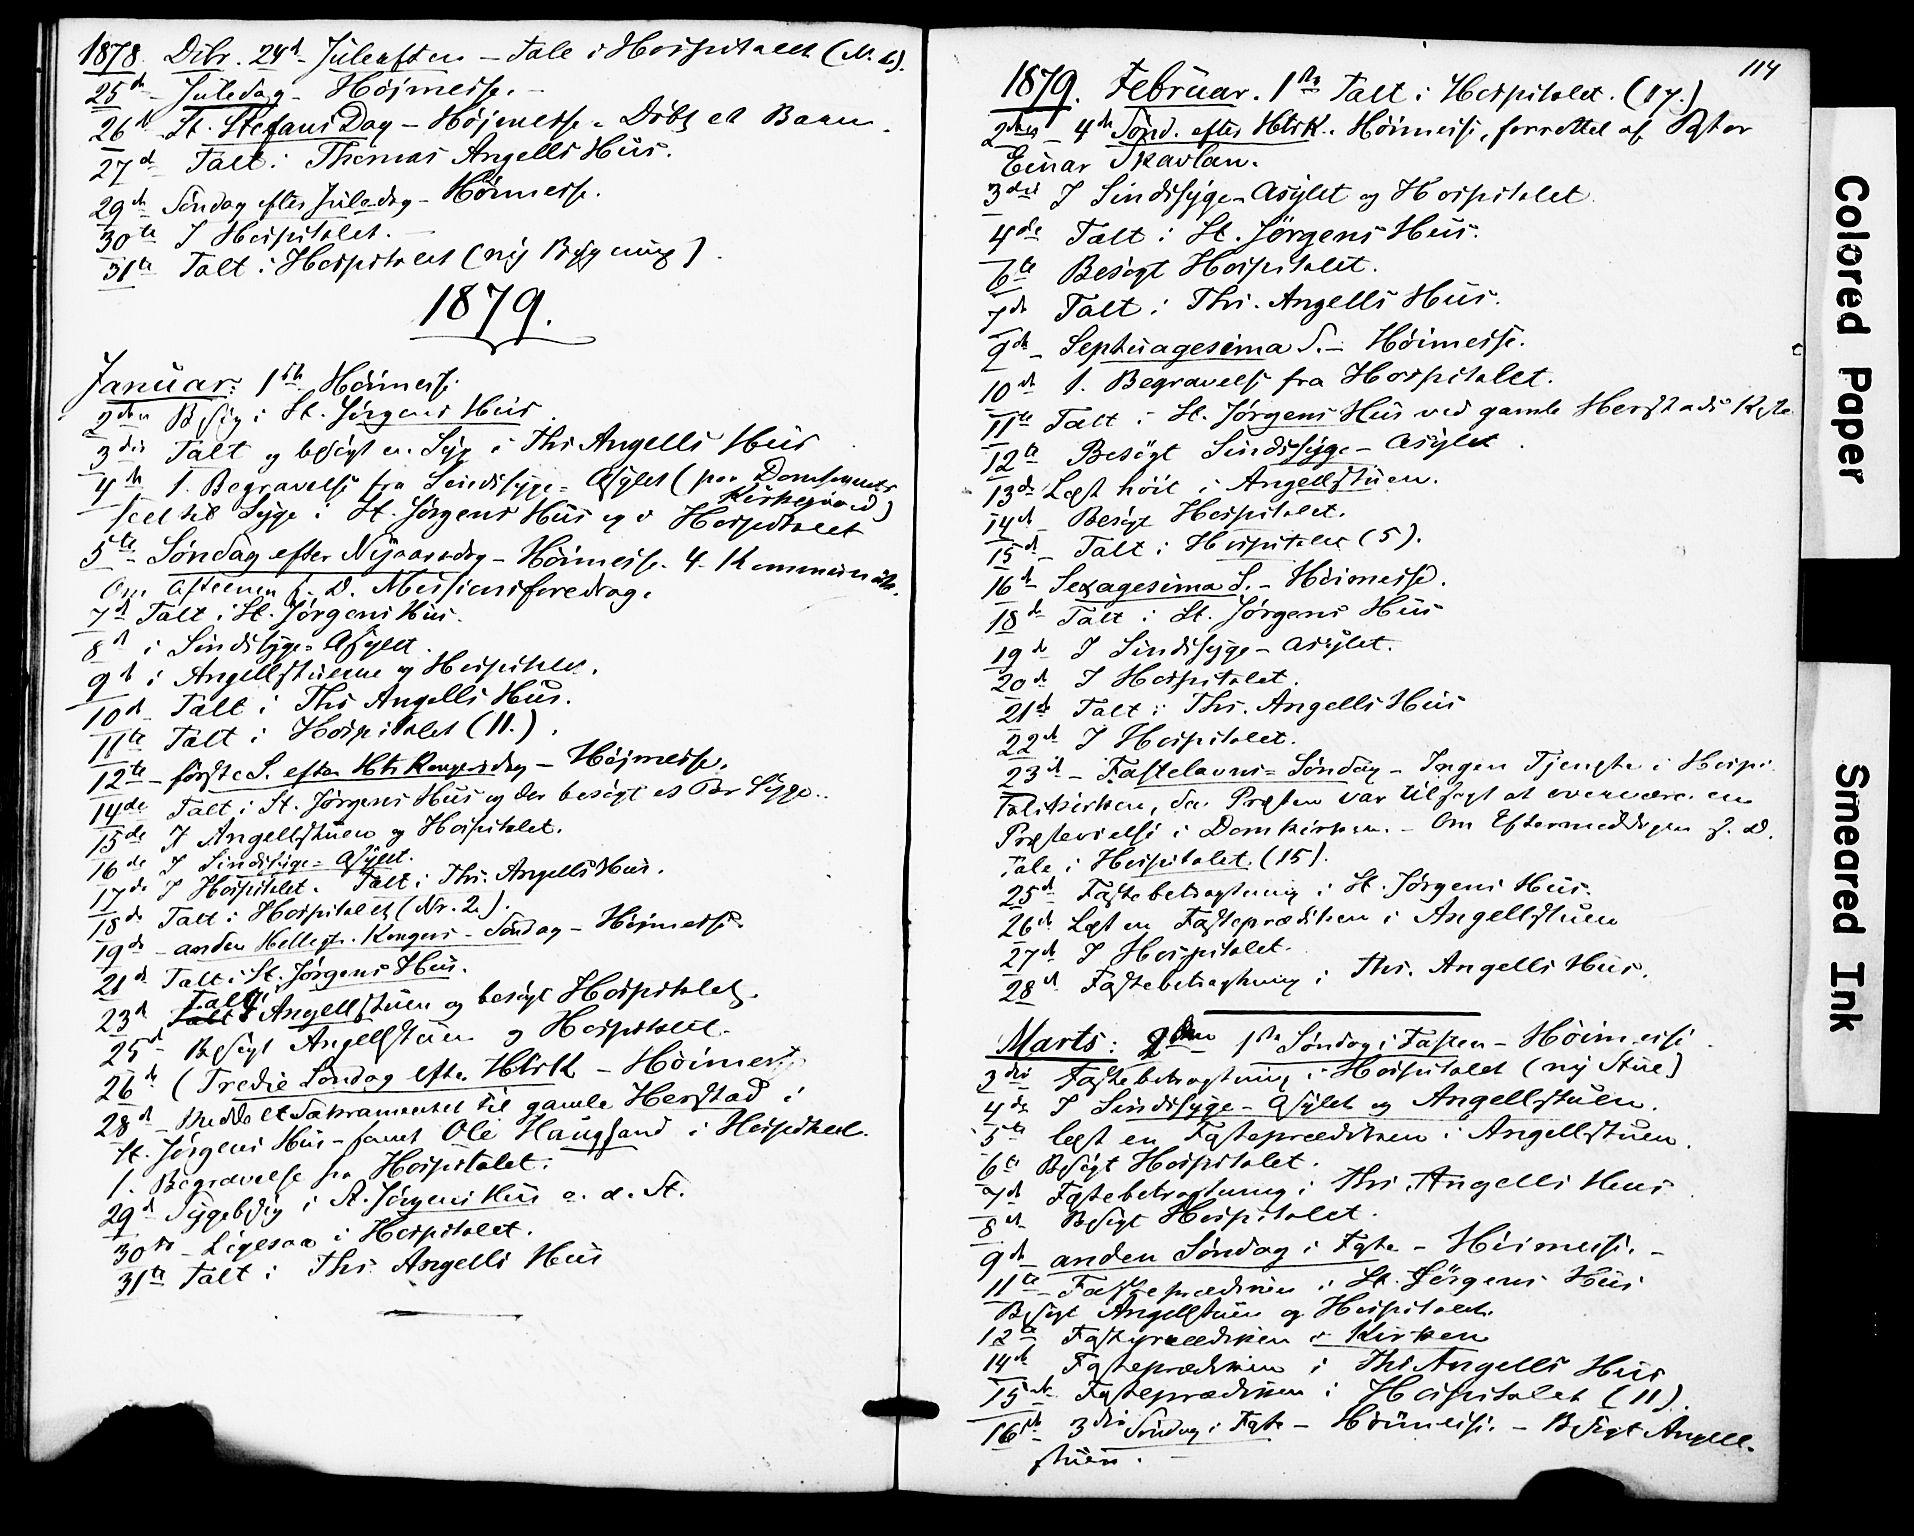 SAT, Ministerialprotokoller, klokkerbøker og fødselsregistre - Sør-Trøndelag, 623/L0469: Ministerialbok nr. 623A03, 1868-1883, s. 114